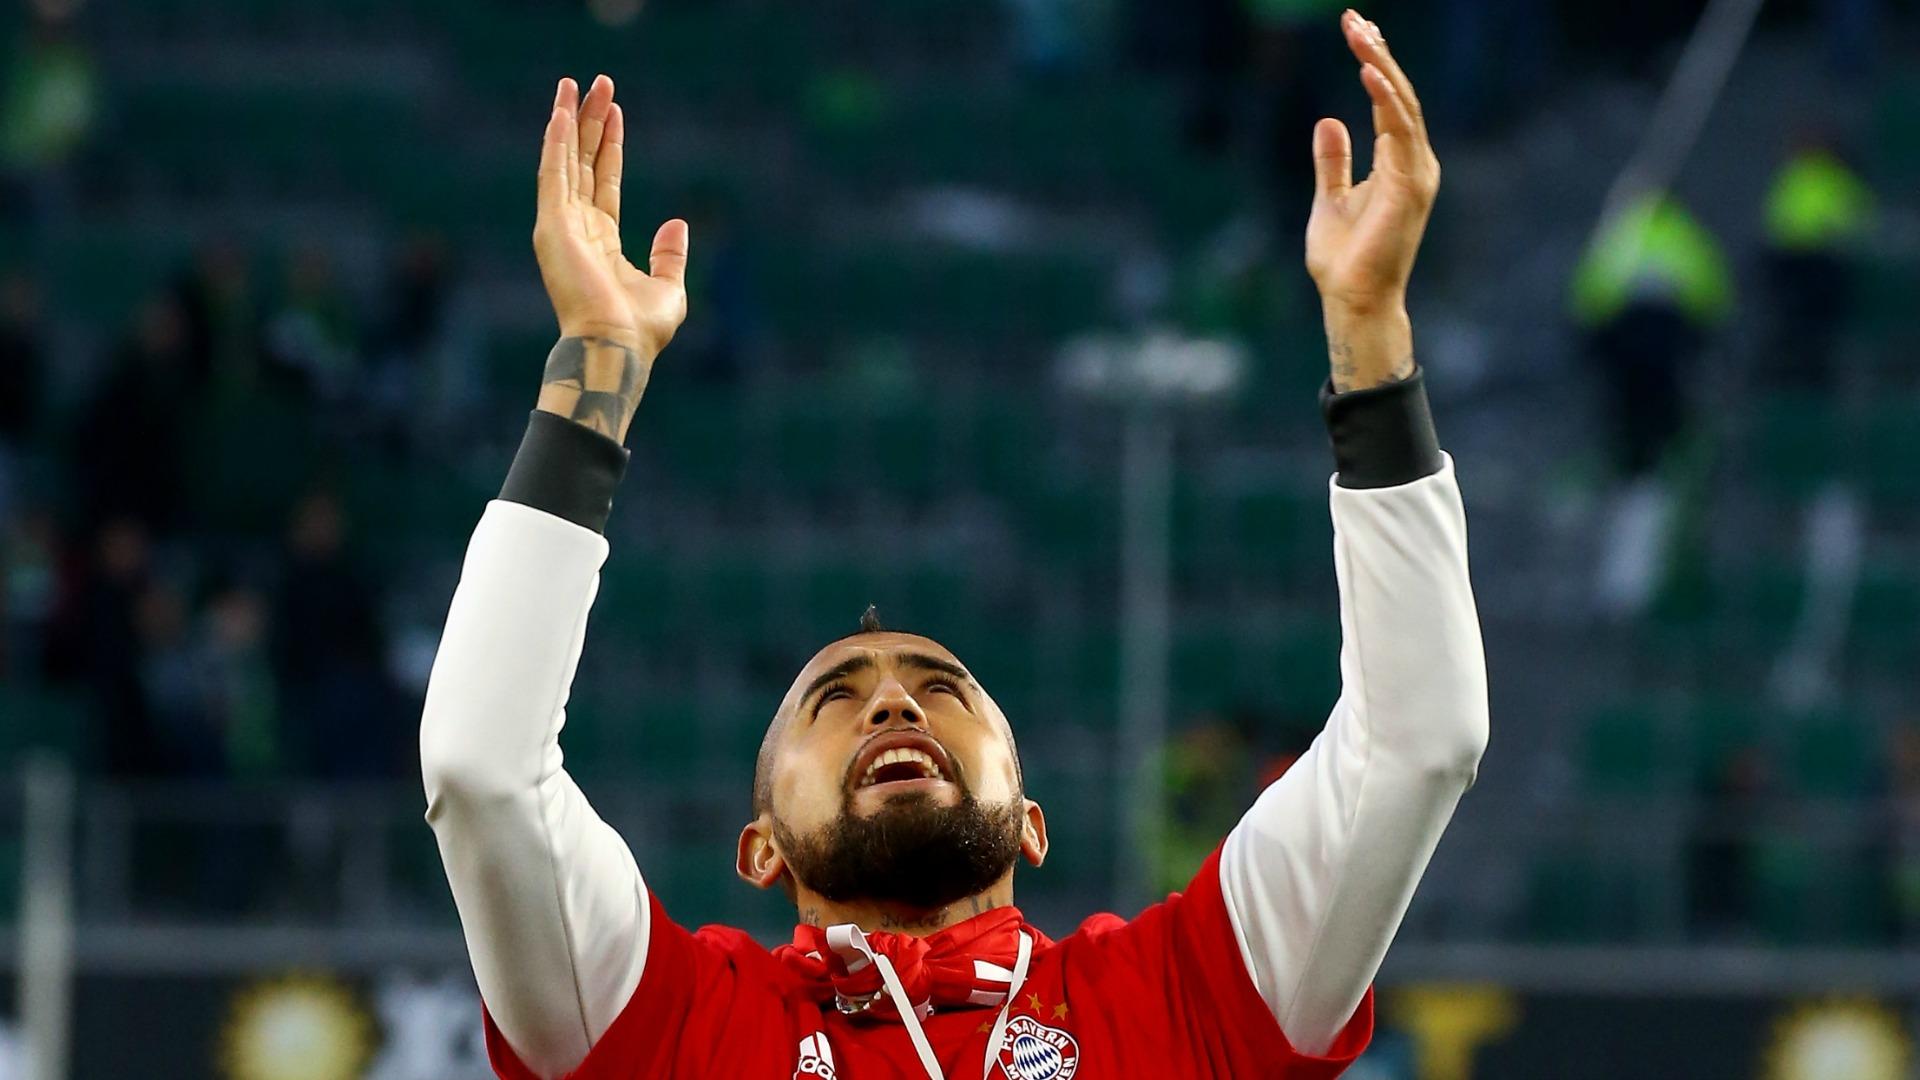 Vota por Arturo Vidal para que sea el mejor mediocampista de Alemania